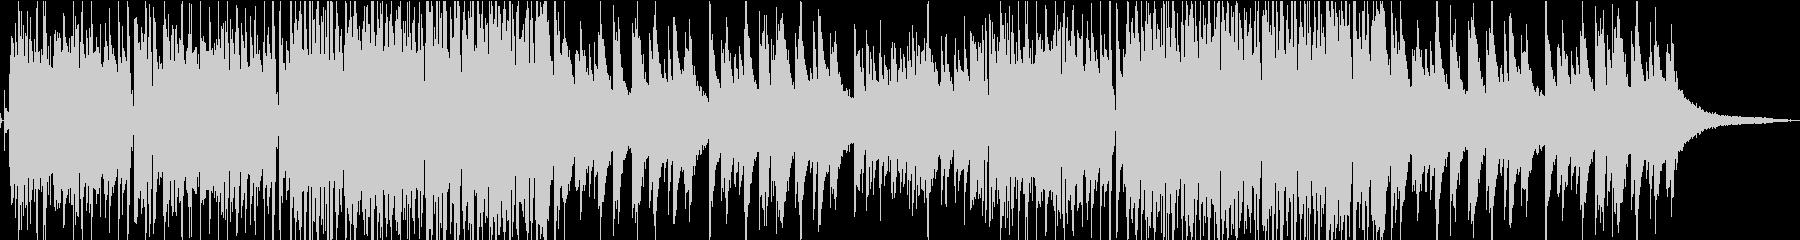 ジャズ風のピアノが映えるBGMの未再生の波形